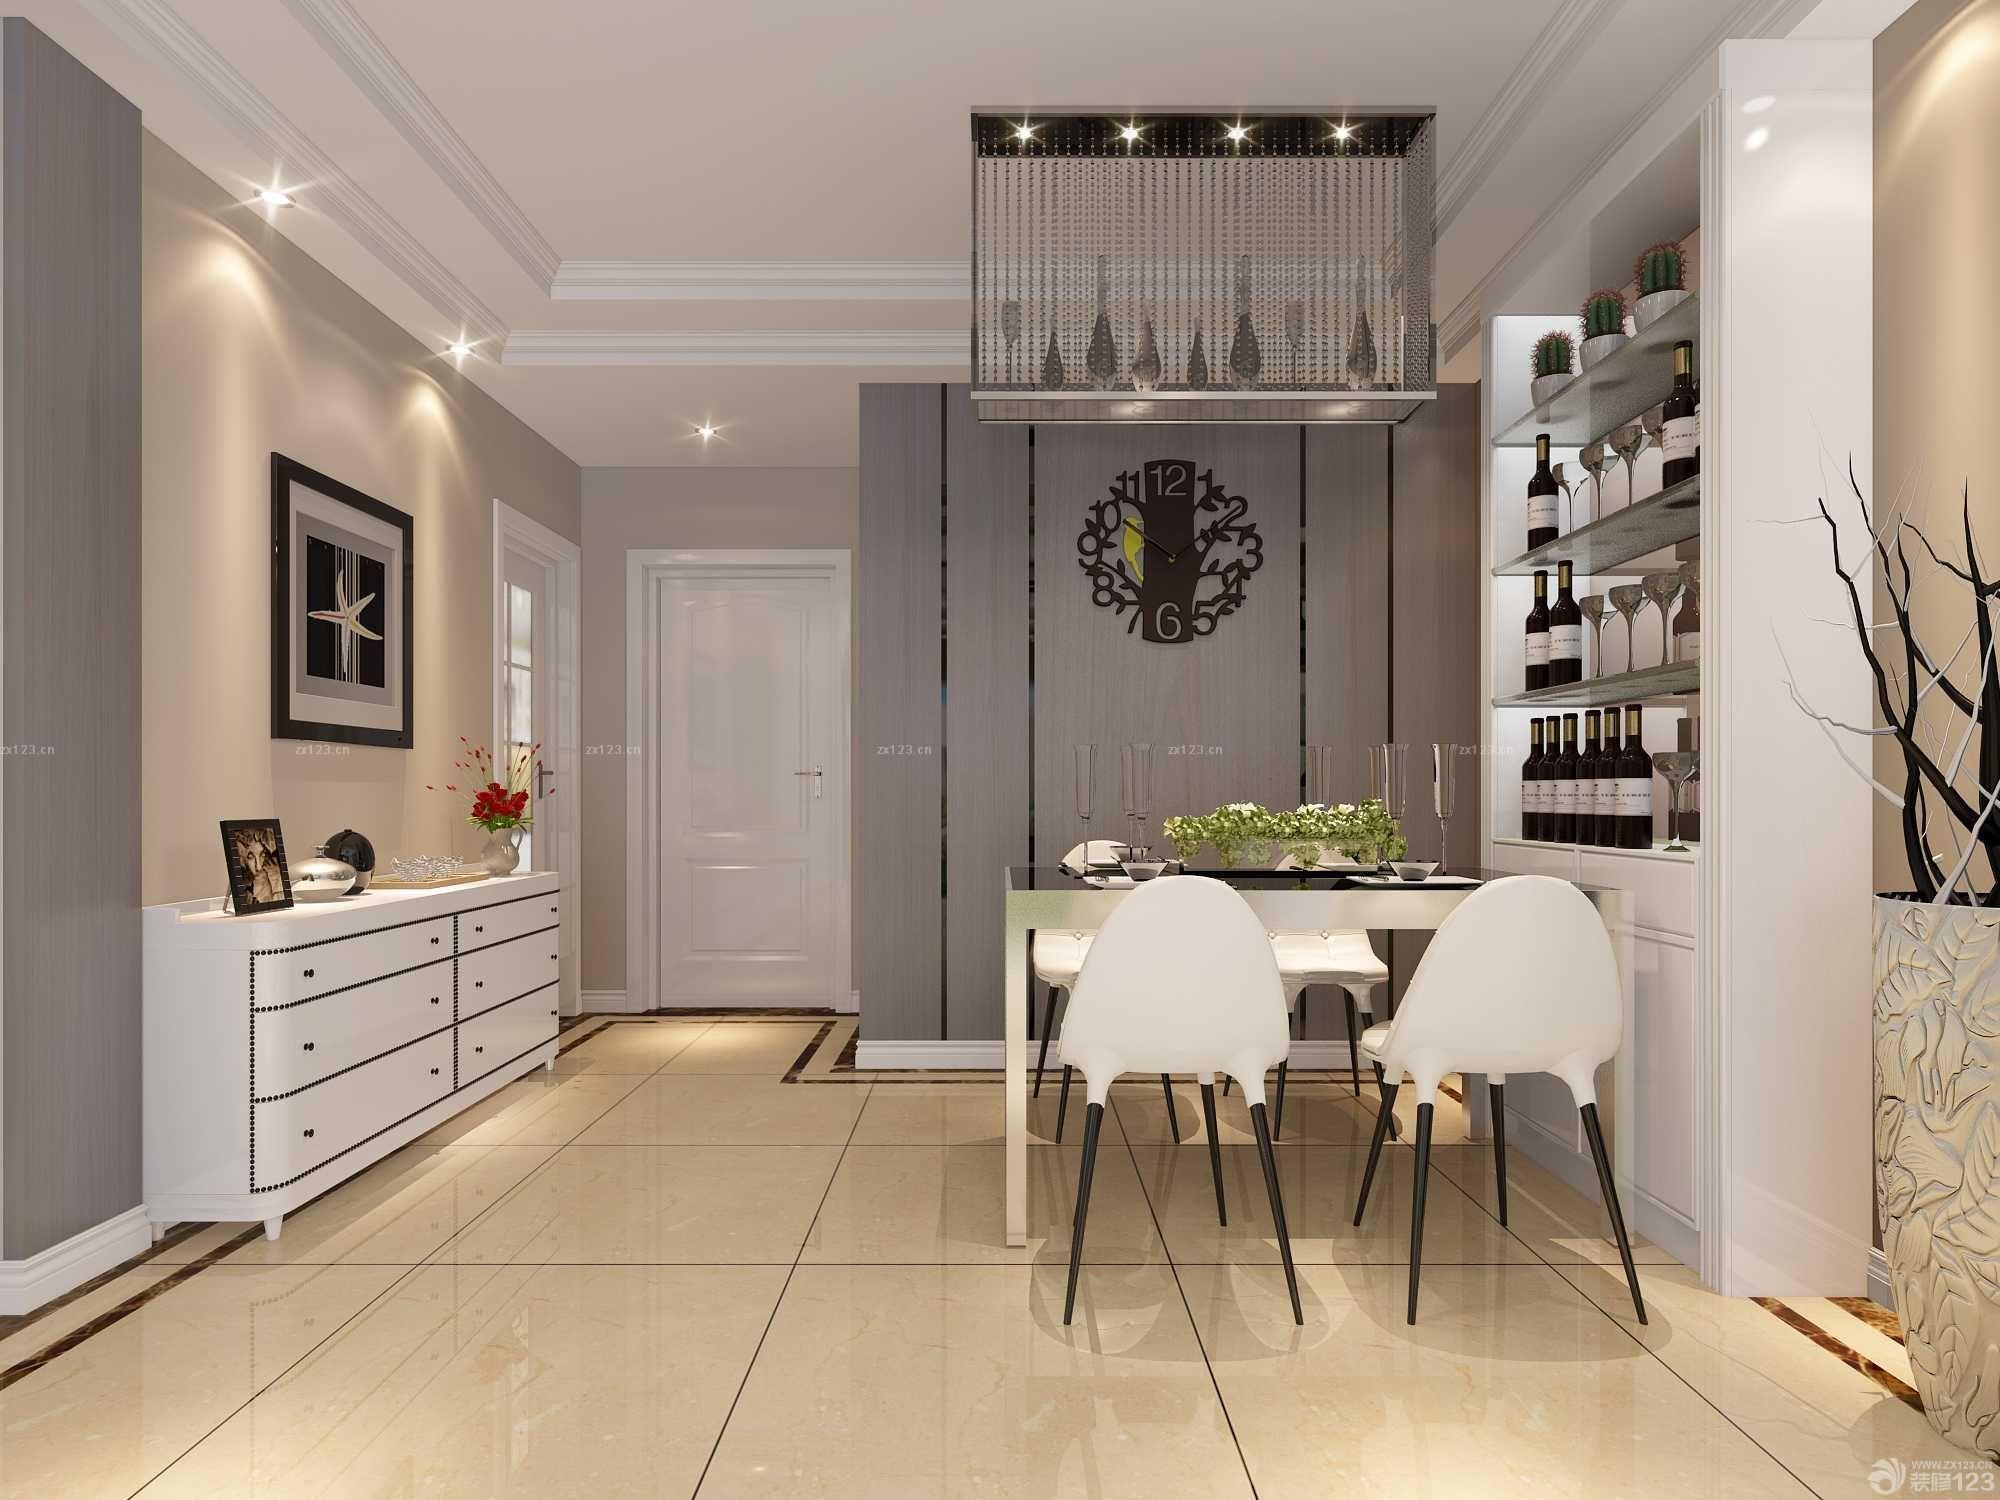 家庭酒柜设计图_家庭酒柜吧台格局设计图展示_设计图分享